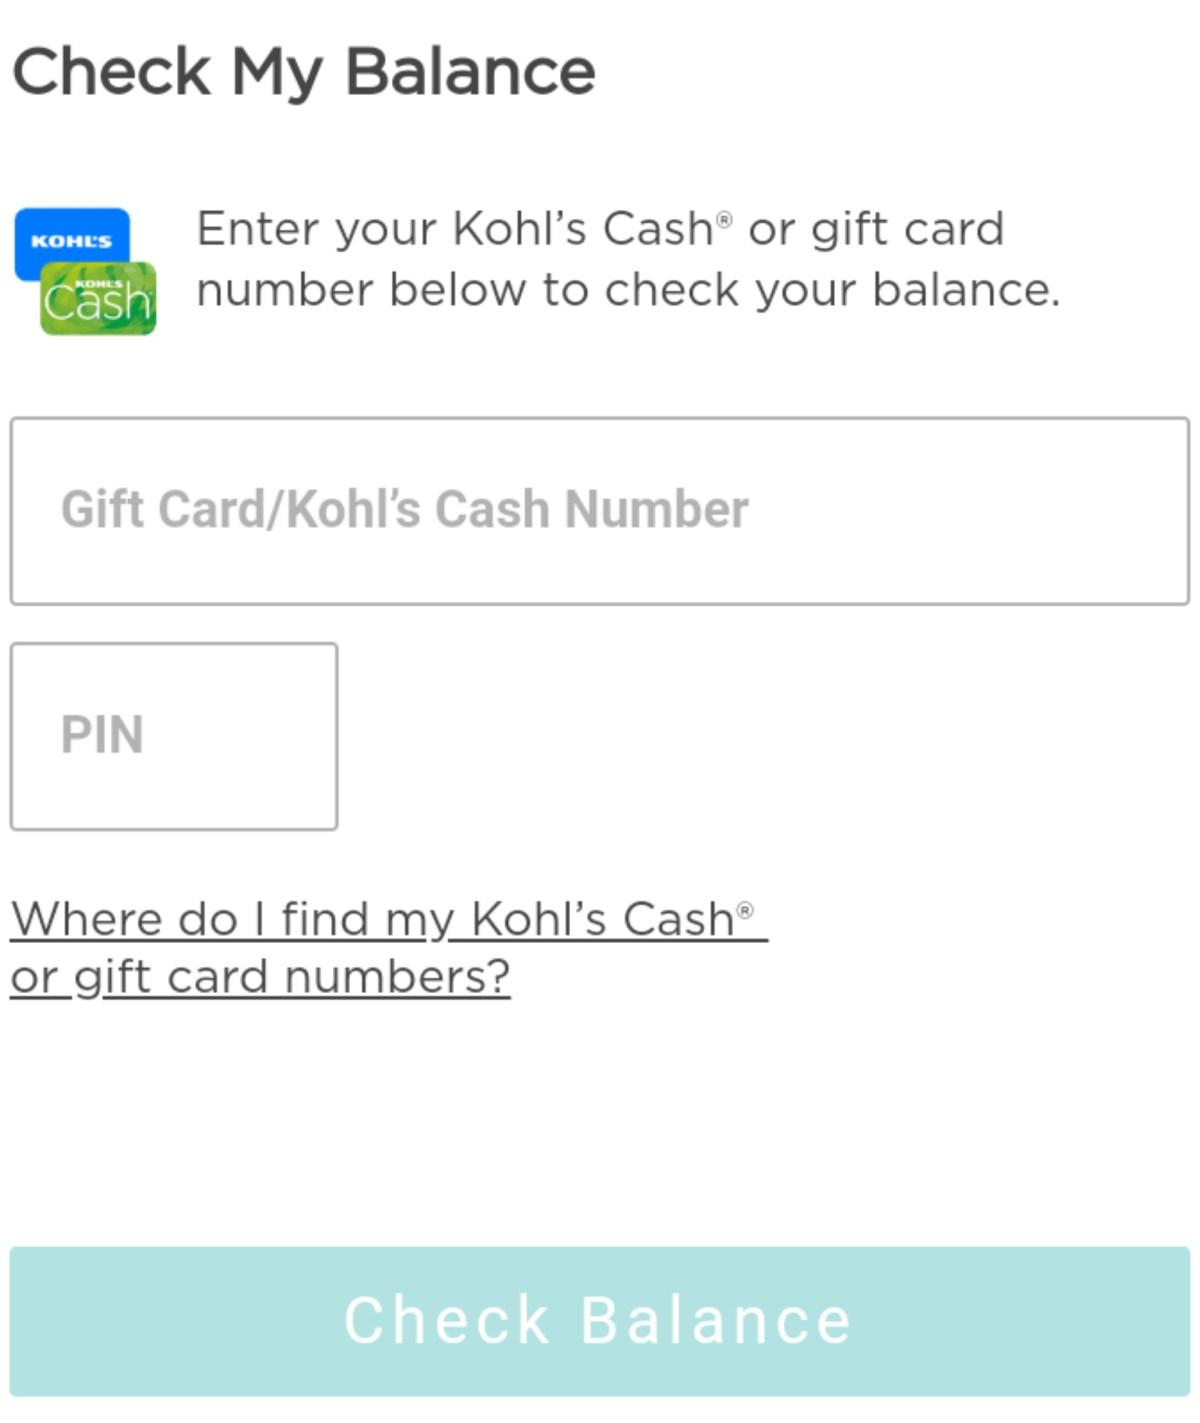 Kohl's Gift Card Balance Check - How To Check Kohl's Gift Card Balance